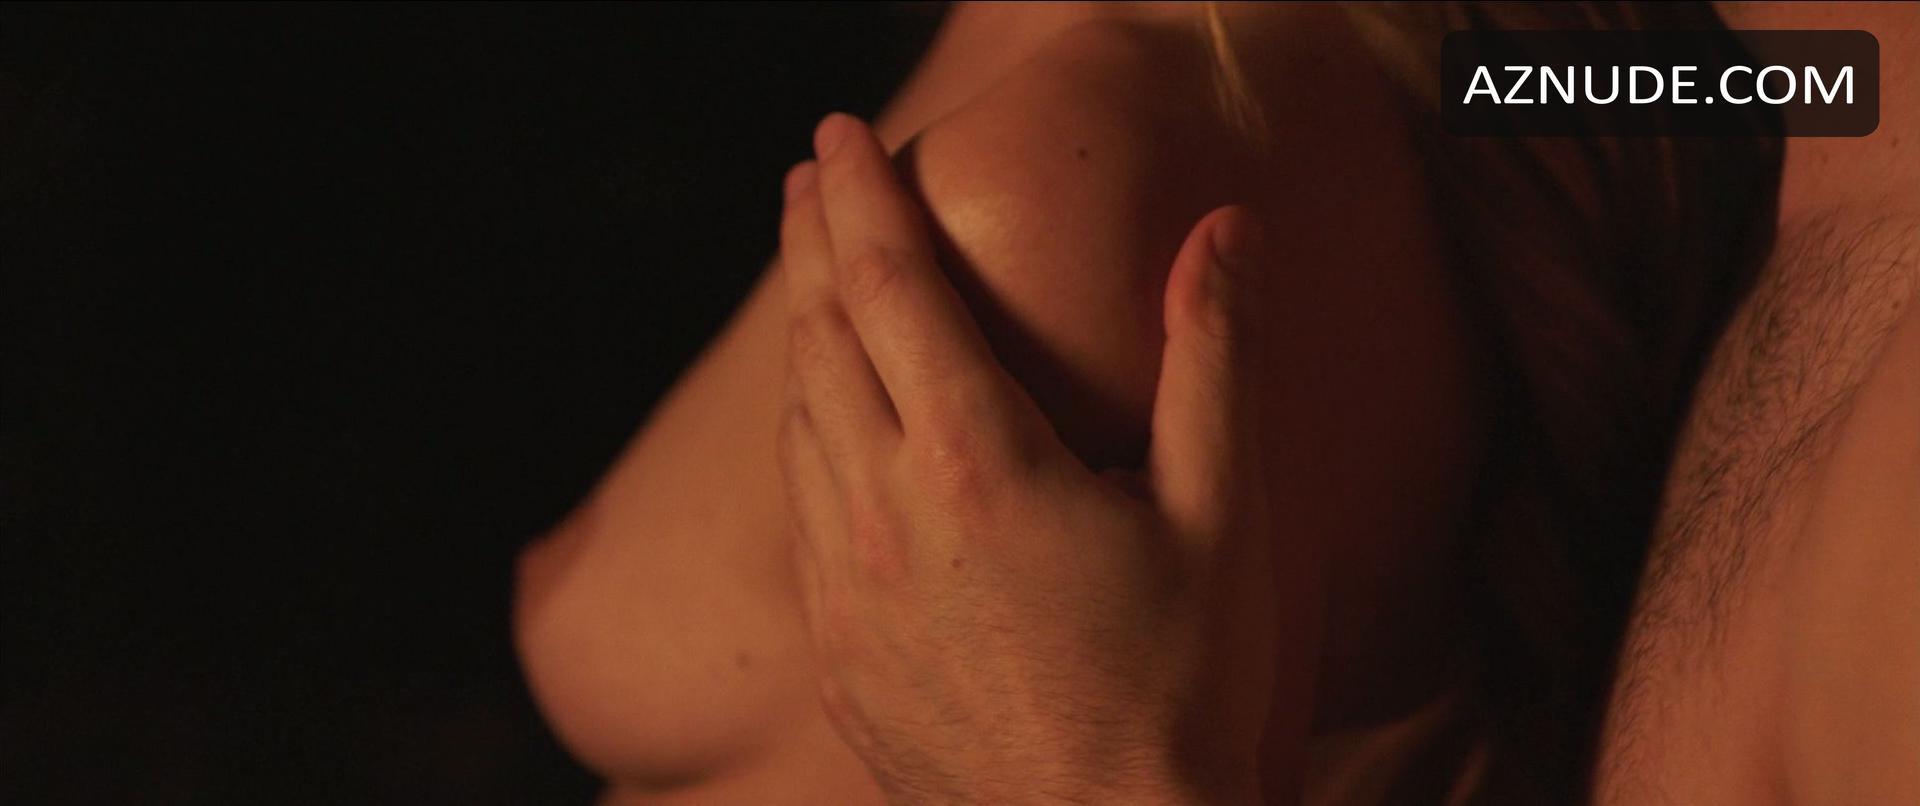 Knees naked women hot on